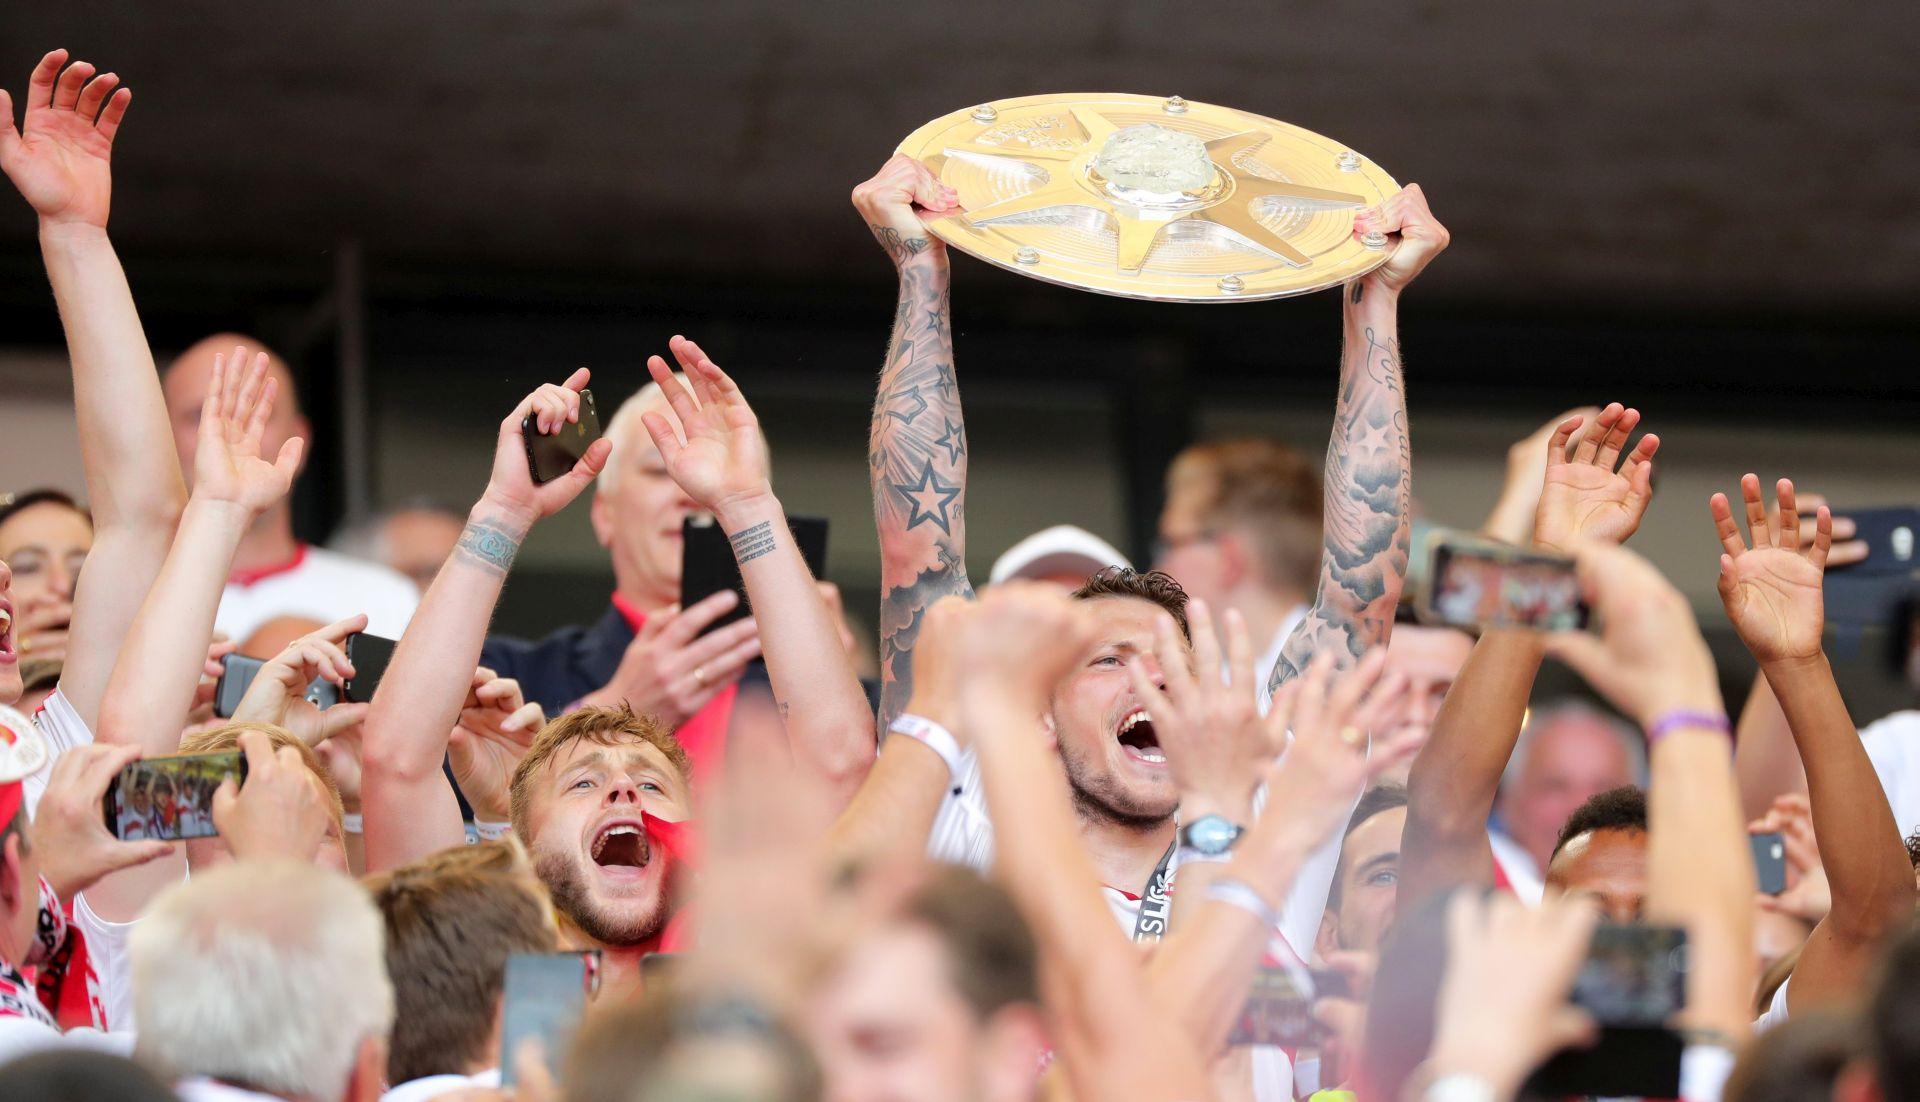 BUNDELIGA Povratak Stuttgarta i Hannovera, playoff za Eintracht iz Braunschweiga